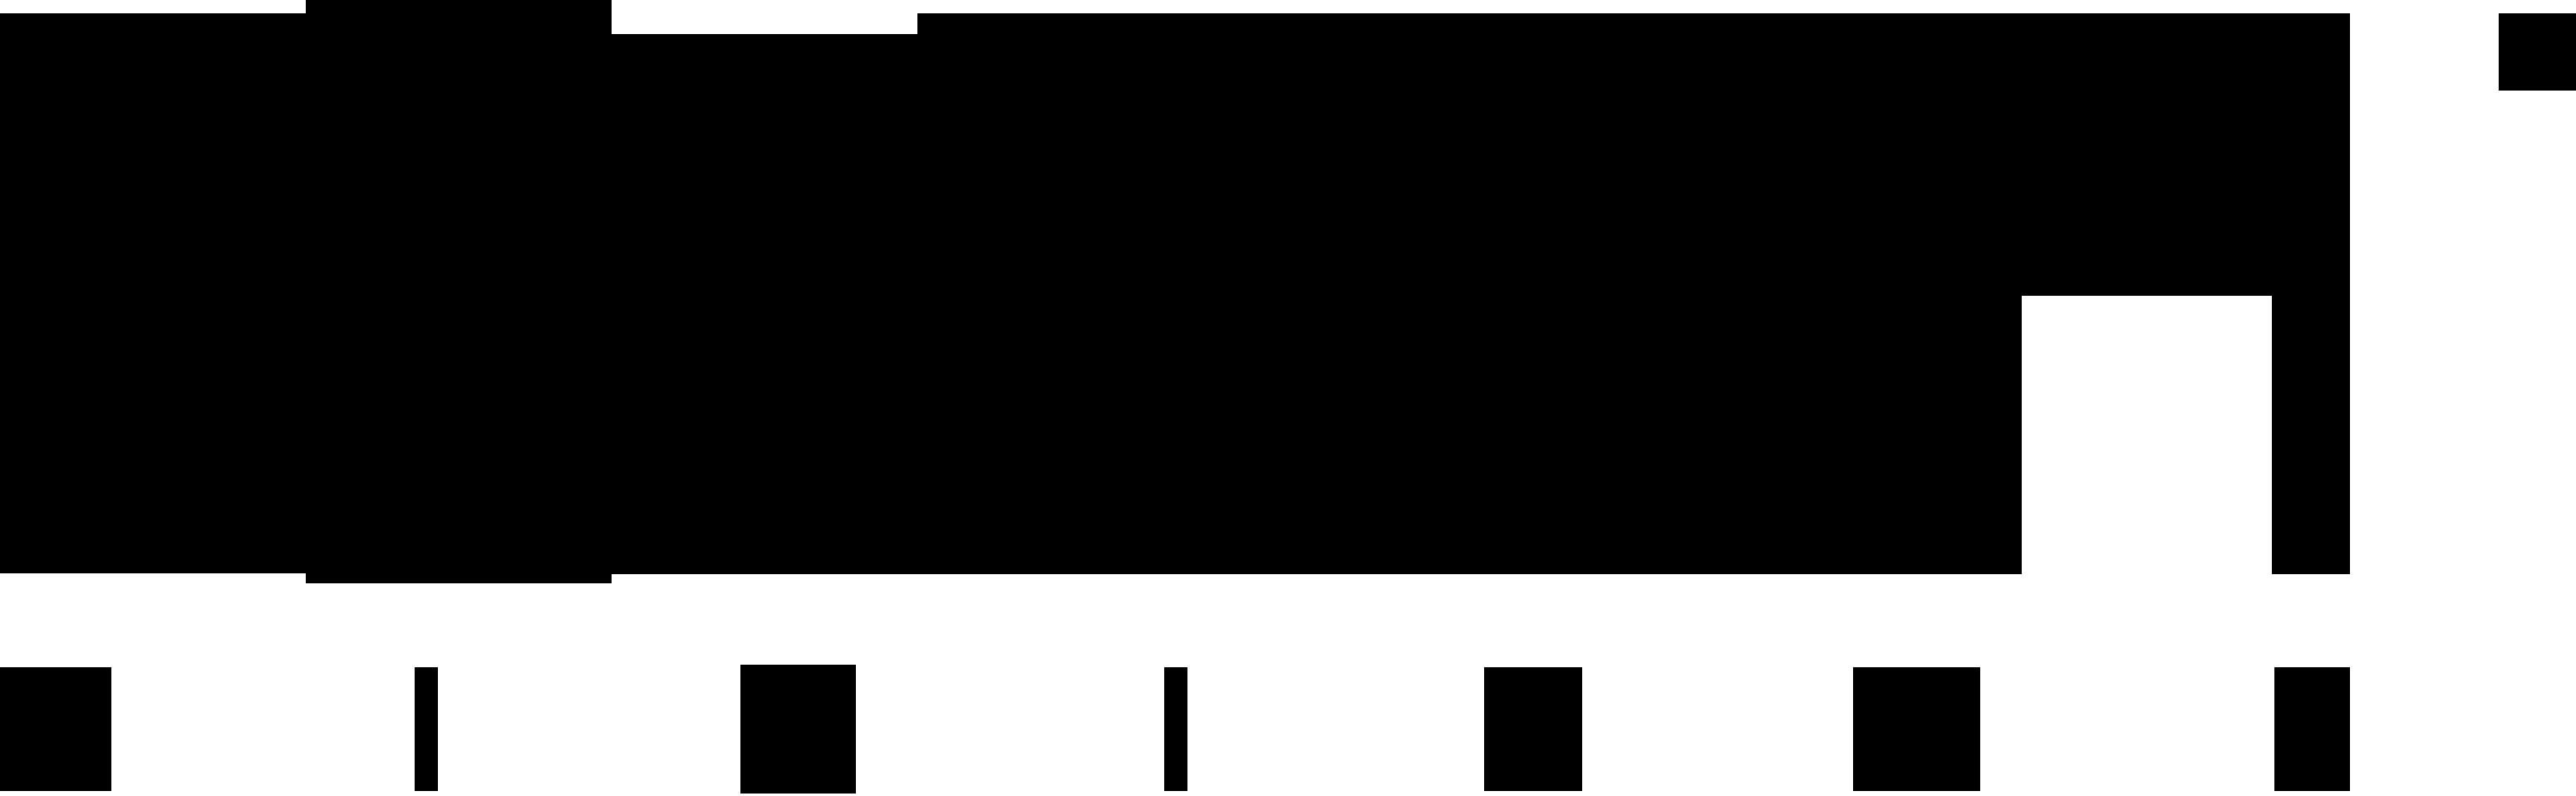 mathieu fiorentini  u2013 game sound designer